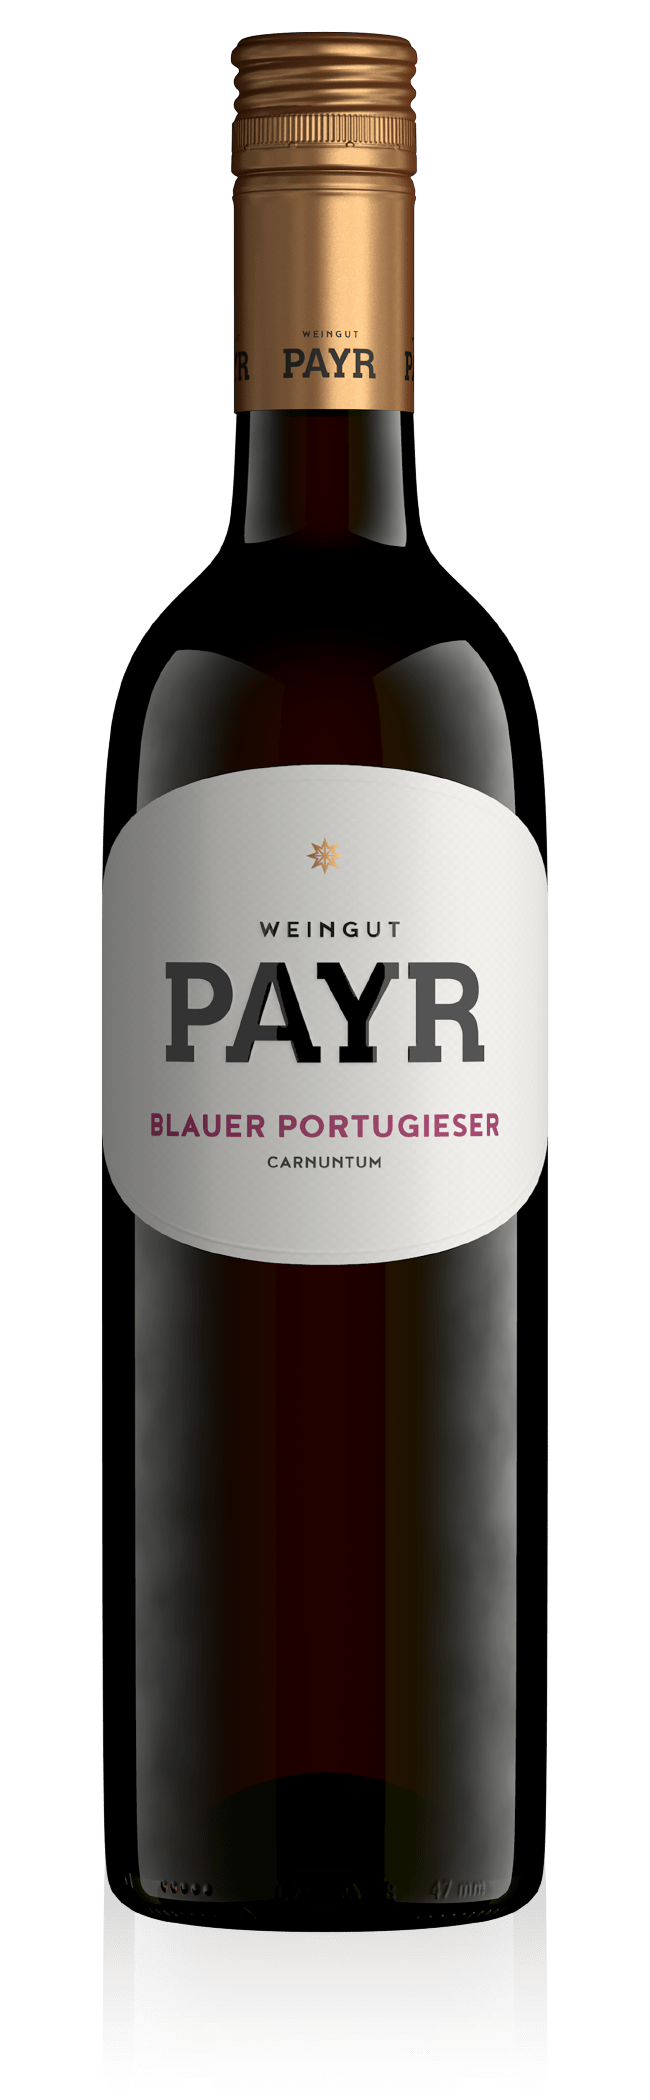 Weinflasche Blauer Portugieser